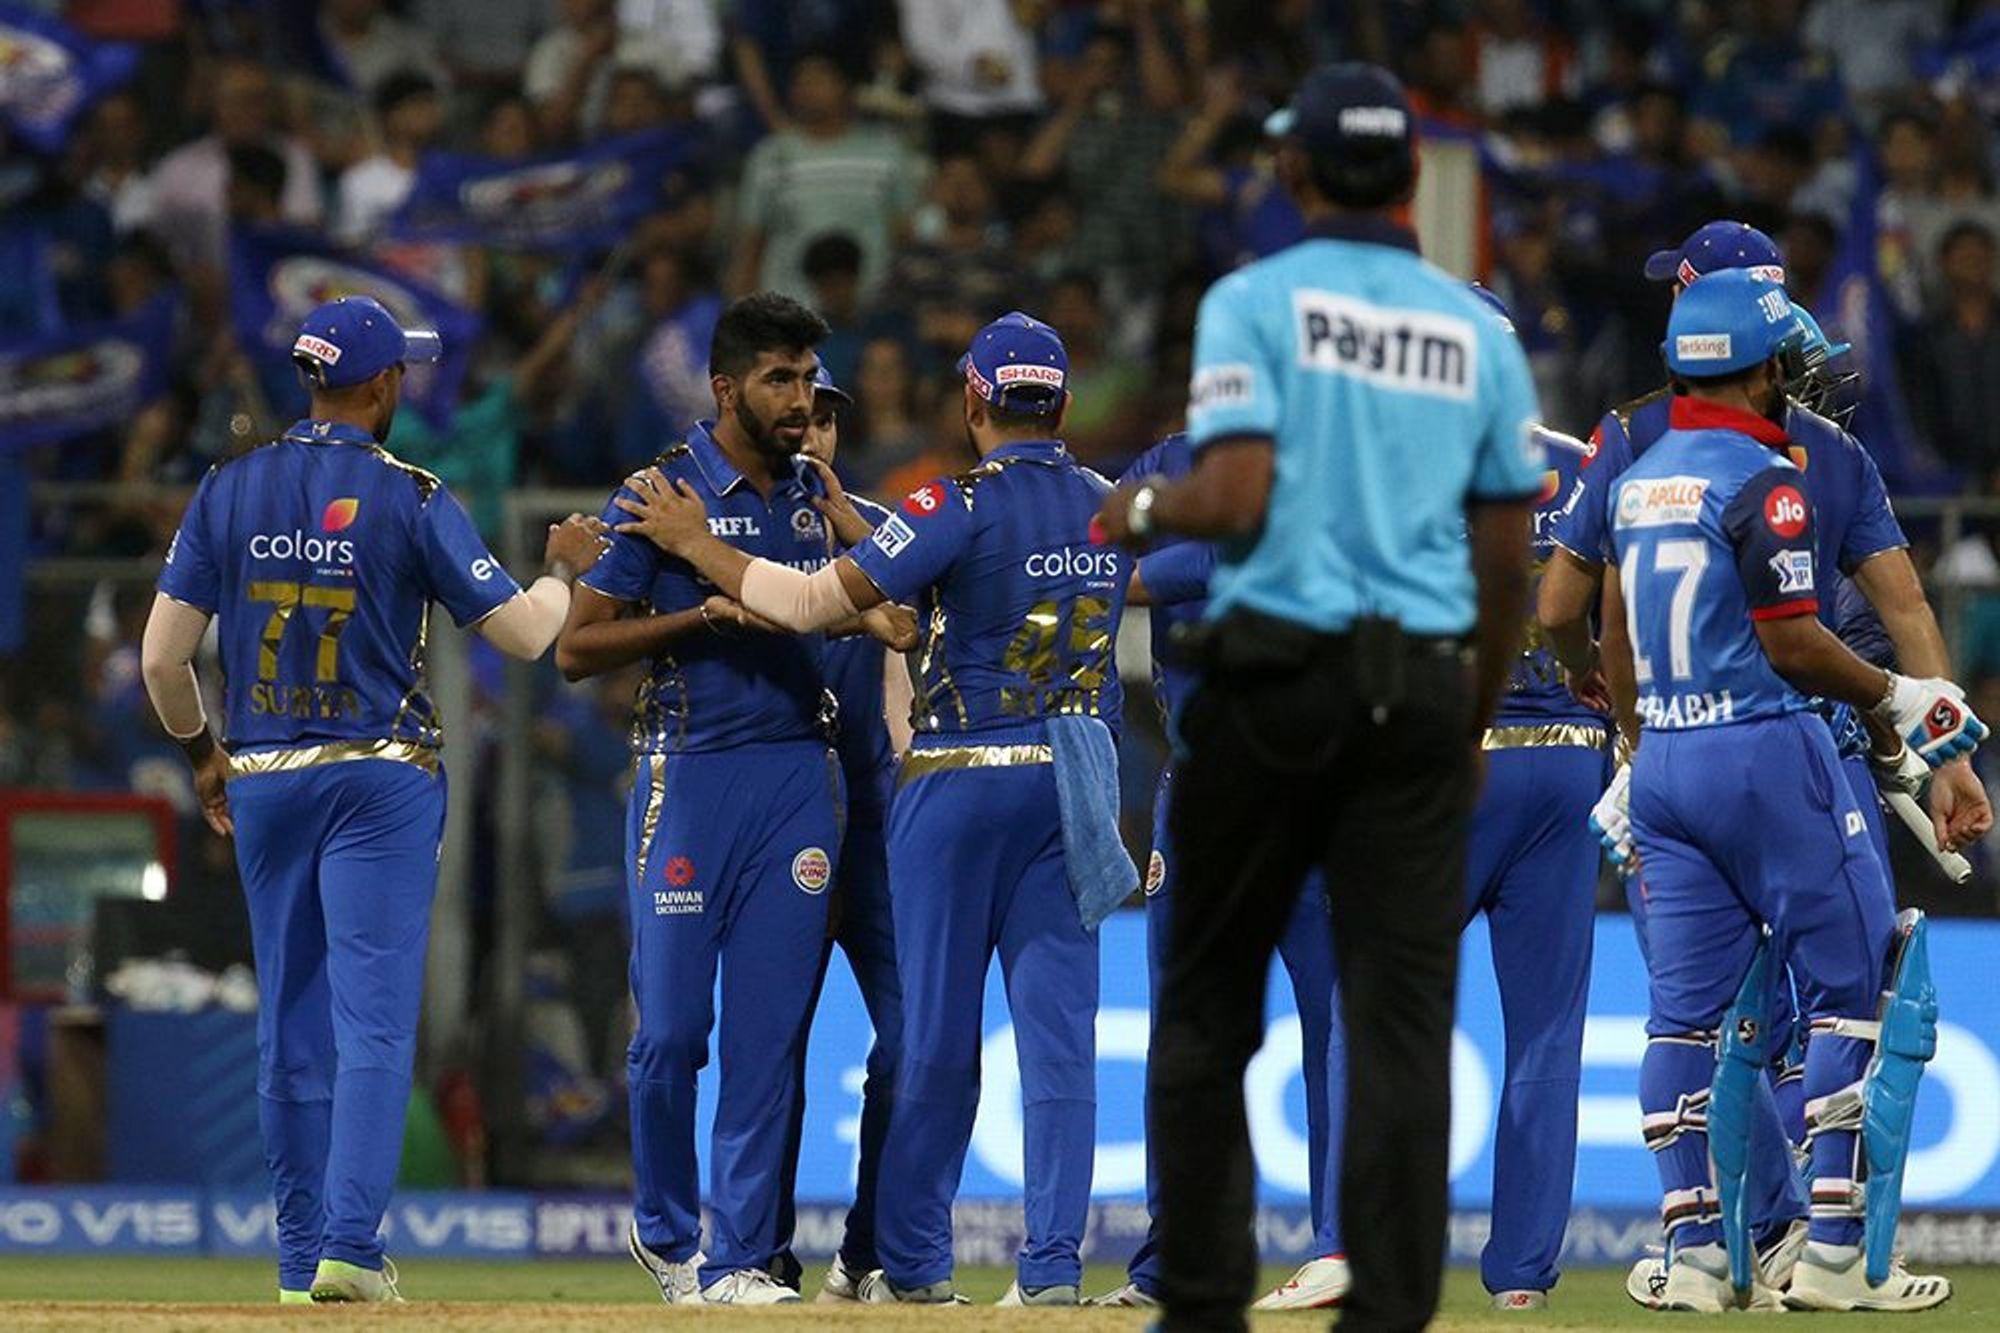 जसप्रीत बुमराह की चोट ने बढ़ाई कप्तान विराट कोहली की परेशानी, मुंबई इंडियंस से मिले पैट्रिक फरहार्ट